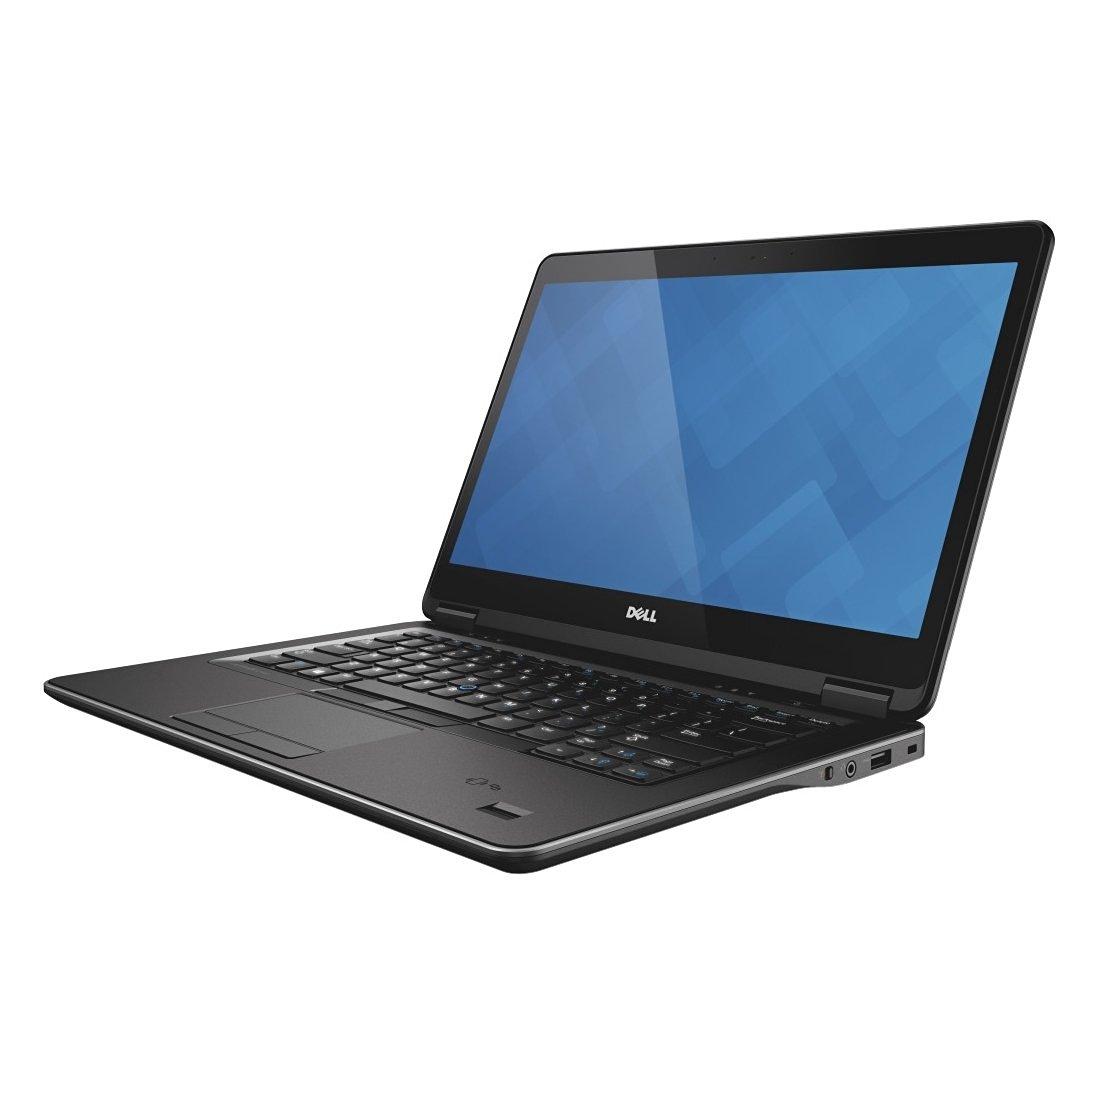 """Dell Latitude 14 7000 E7440 14"""" Touchscreen LED Ultrabook - Intel Core i7 i7-4600U Dual-core (2 Core) 2.10 GHz - Black 462-4181"""